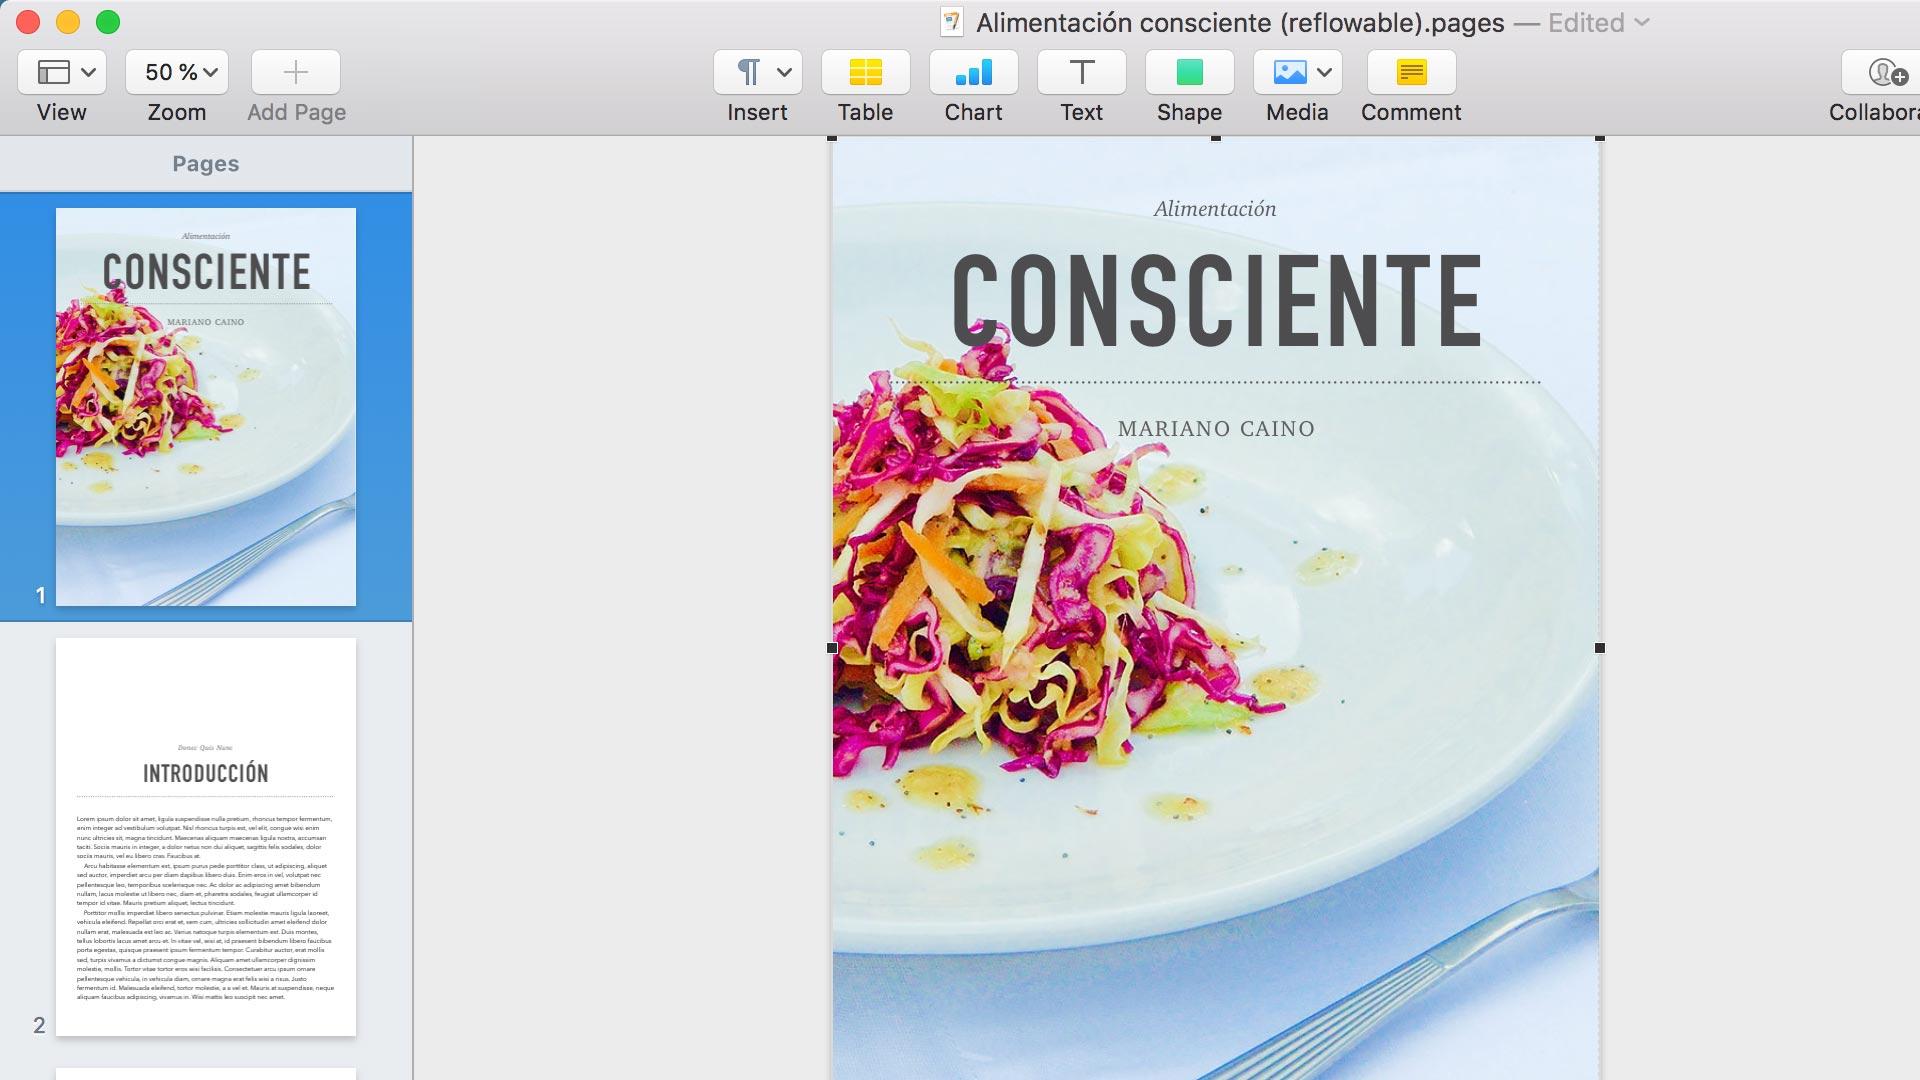 Captura de la aplicación Apple Pages para ePUB dinámico